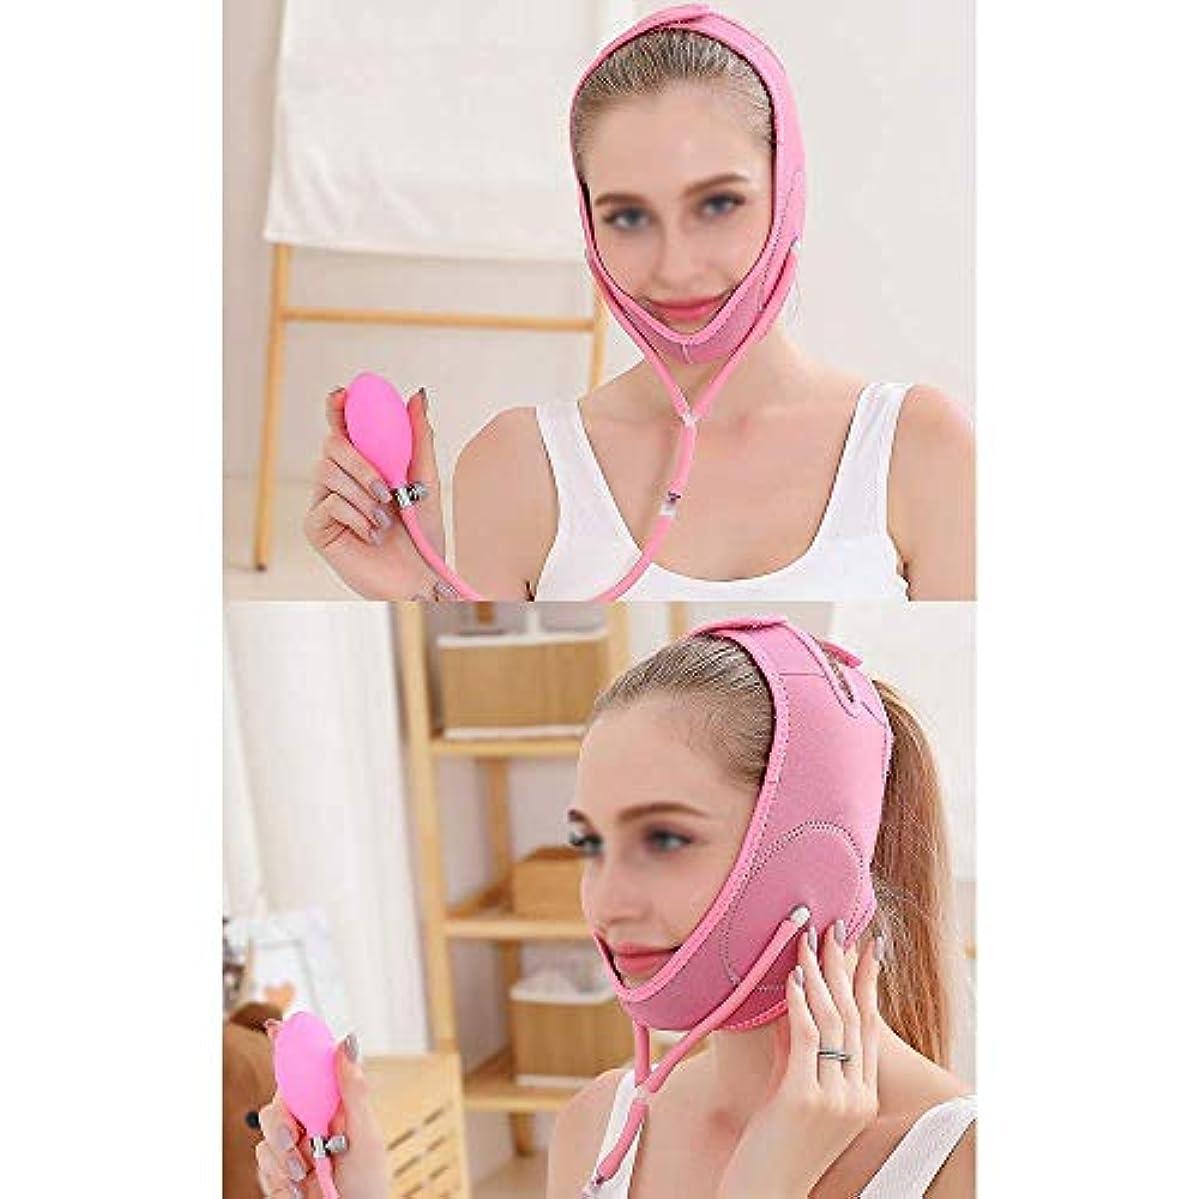 は二重あご、膨脹可能な顔の持ち上がる革紐、顔の持ち上がる包帯、減らされた二重あごの包帯(1つのサイズはすべてに合う)(色:ピンク)を効果的に改善する,ピンク